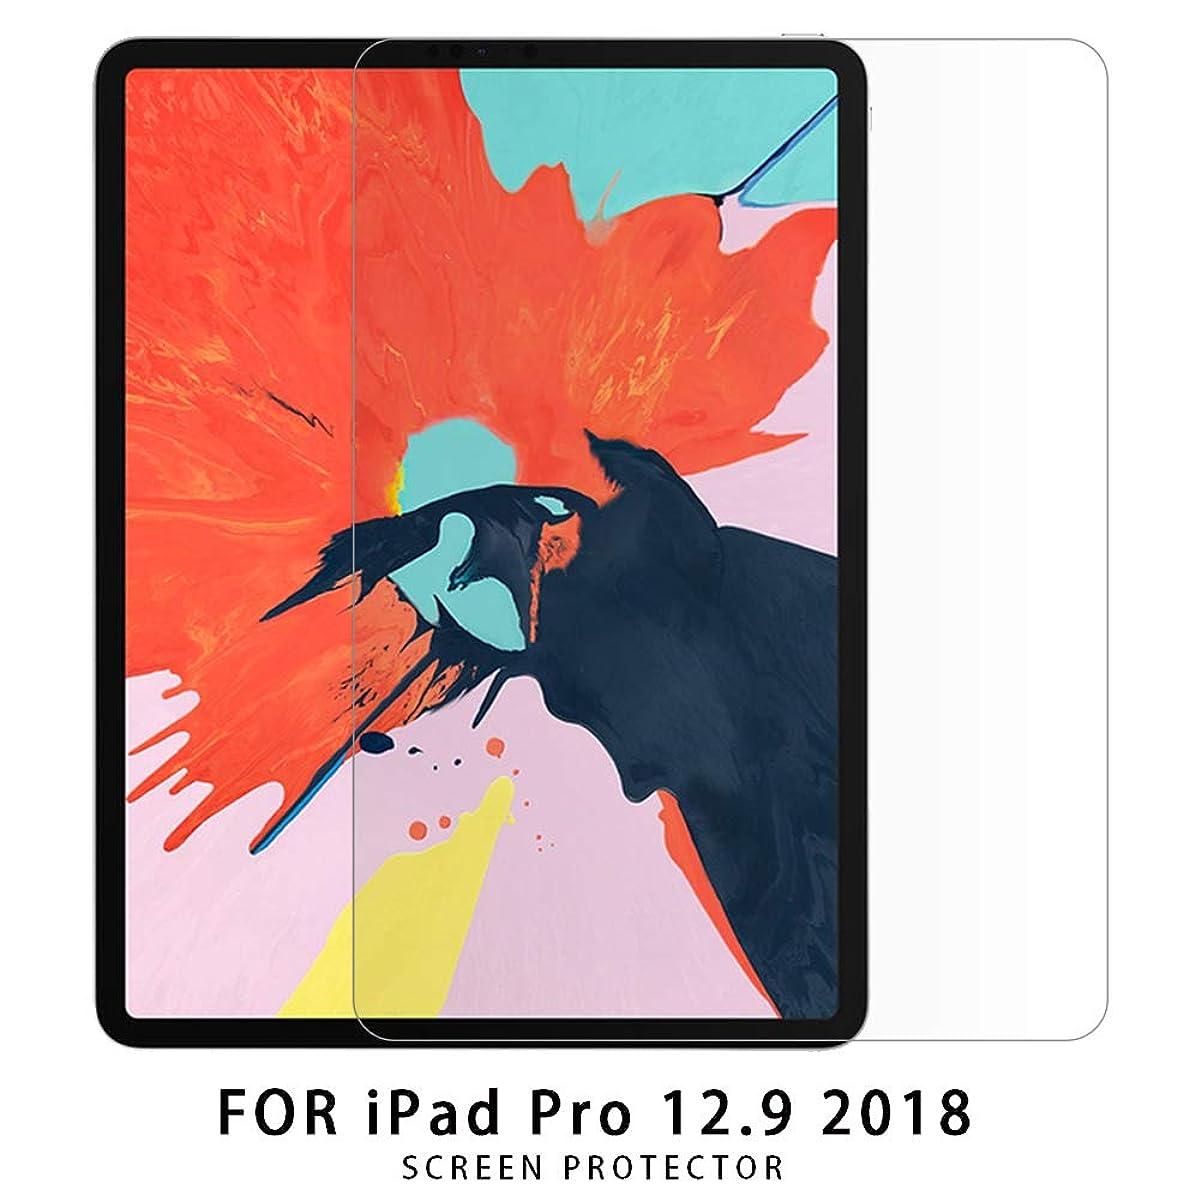 飼い慣らす保持するバックアップNUPO iPad Pro 12.9 インチ 2018 ガラスフィルム 2.5D 硬度9H 飛散防止 指紋防止 高感度タッチ 極高透過率 旭硝子製 耐衝撃 iPad Pro 12.9 2018 強化ガラス液晶保護フィルム (1枚入)